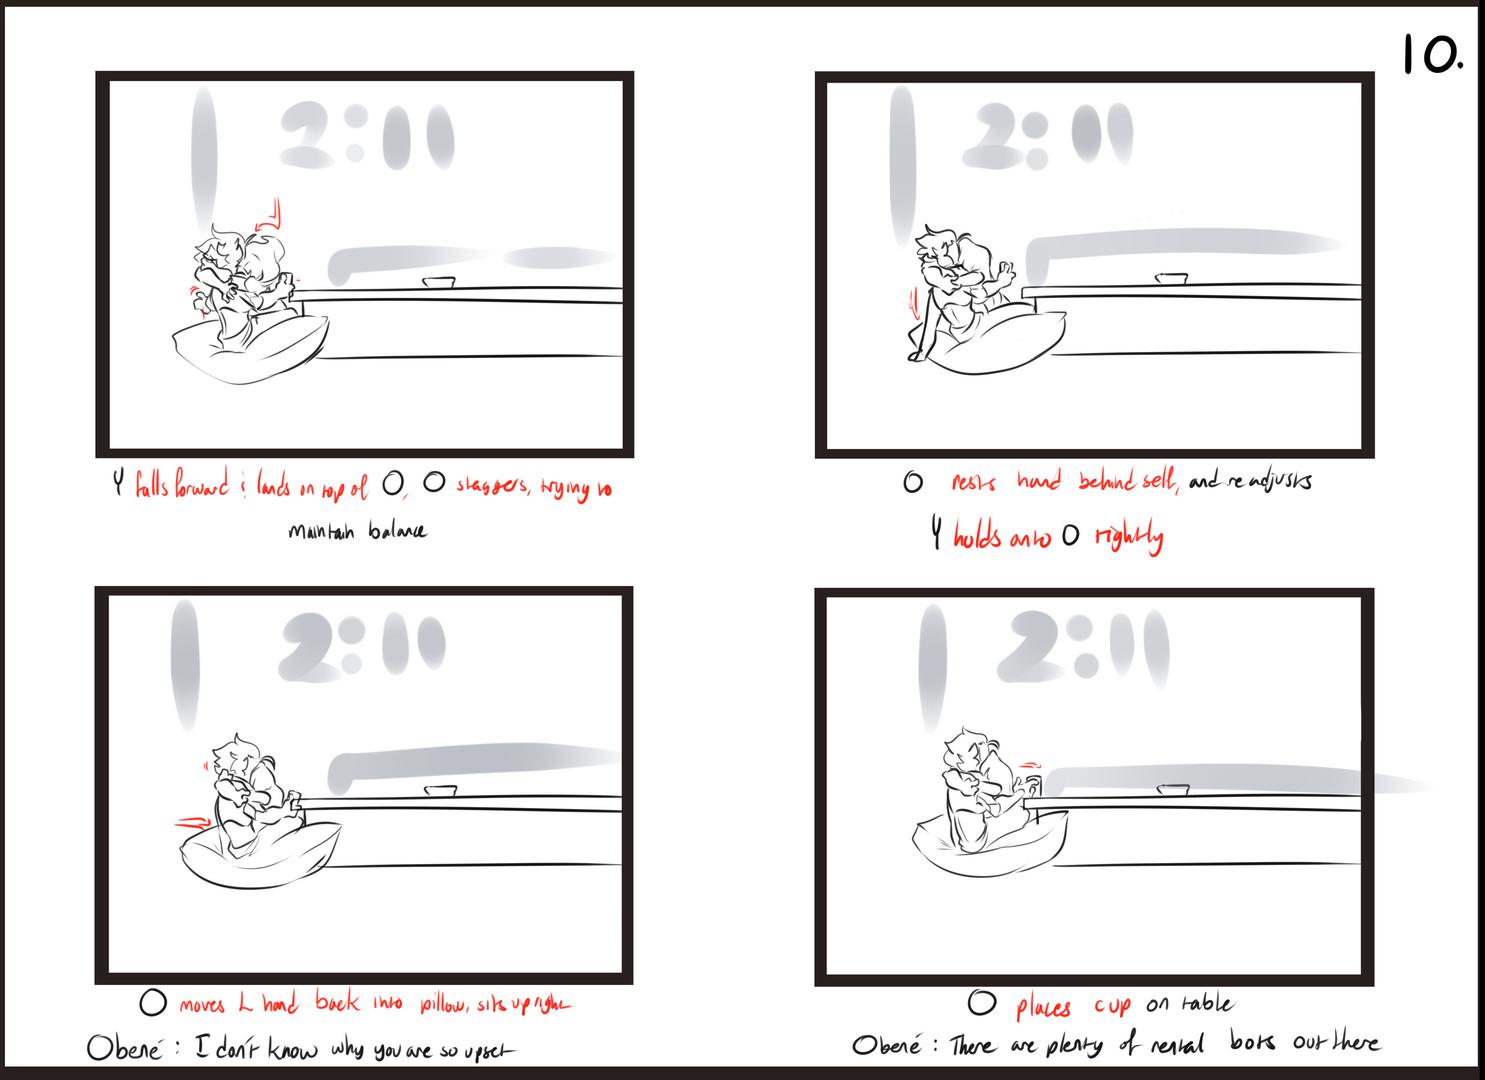 Storyboard Hot Pot 10.png